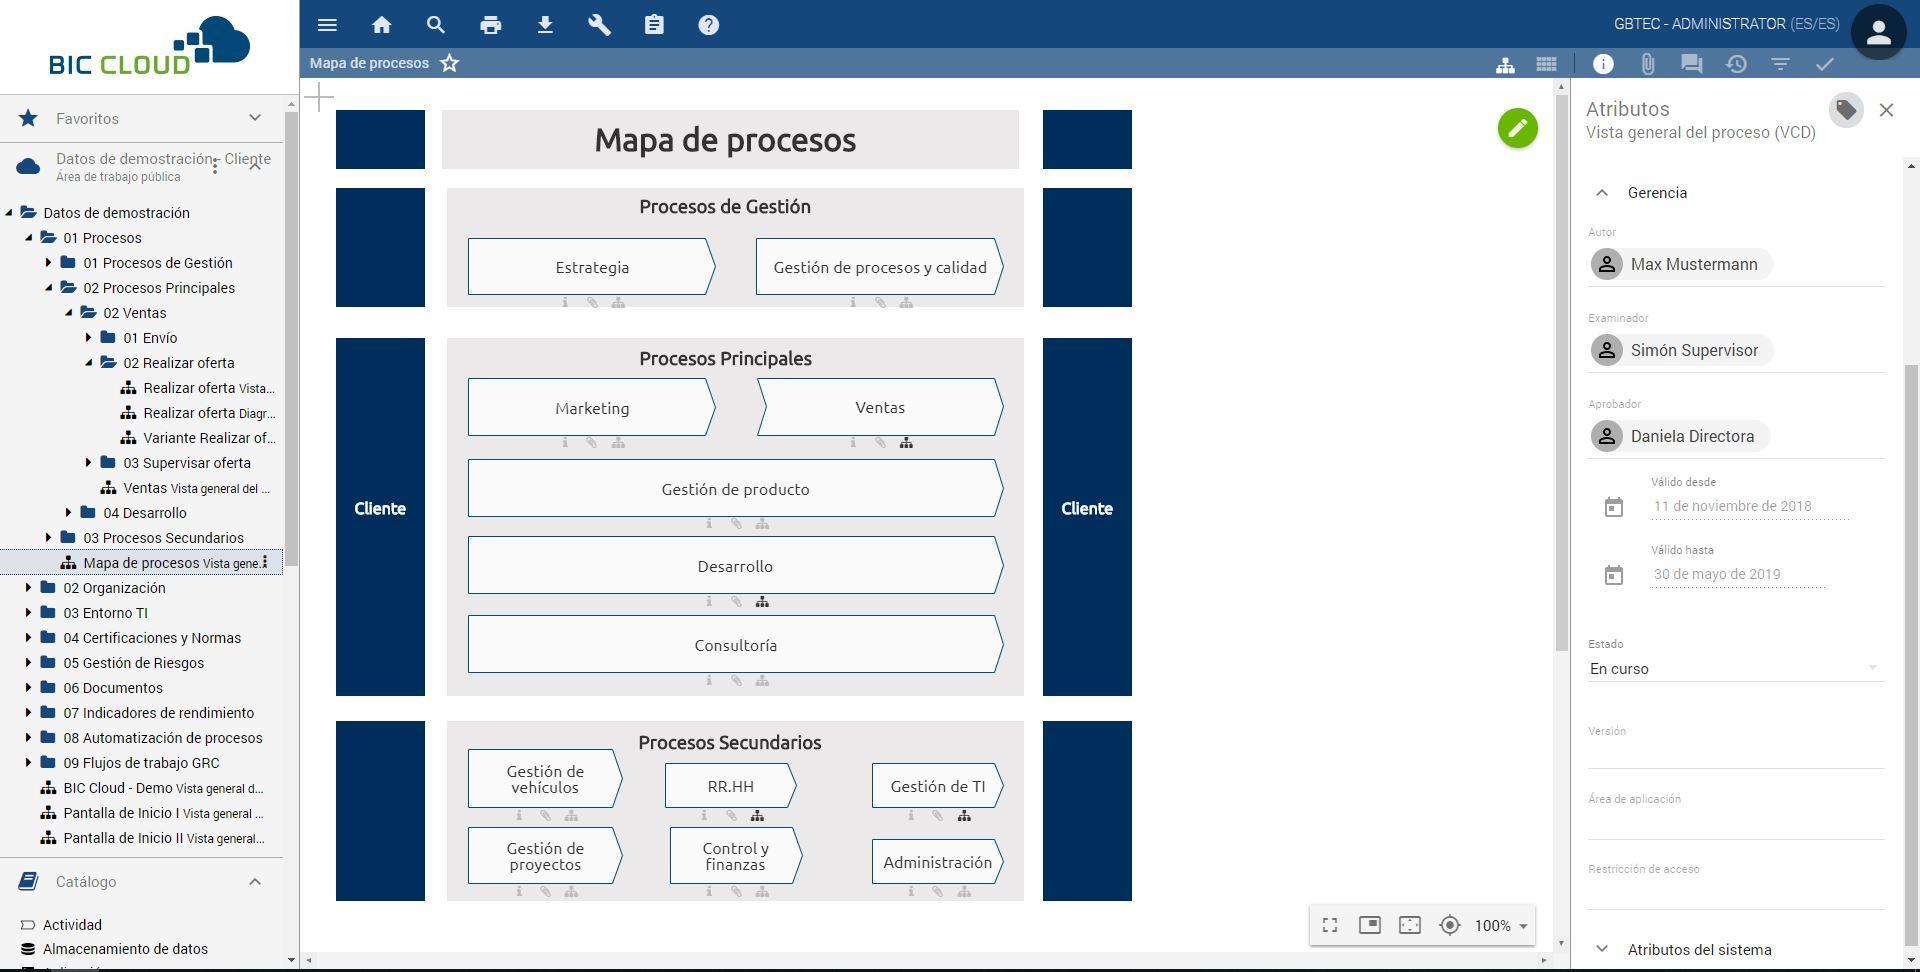 Mapa de procesos y workflow de aprobación con BIC Cloud Governance